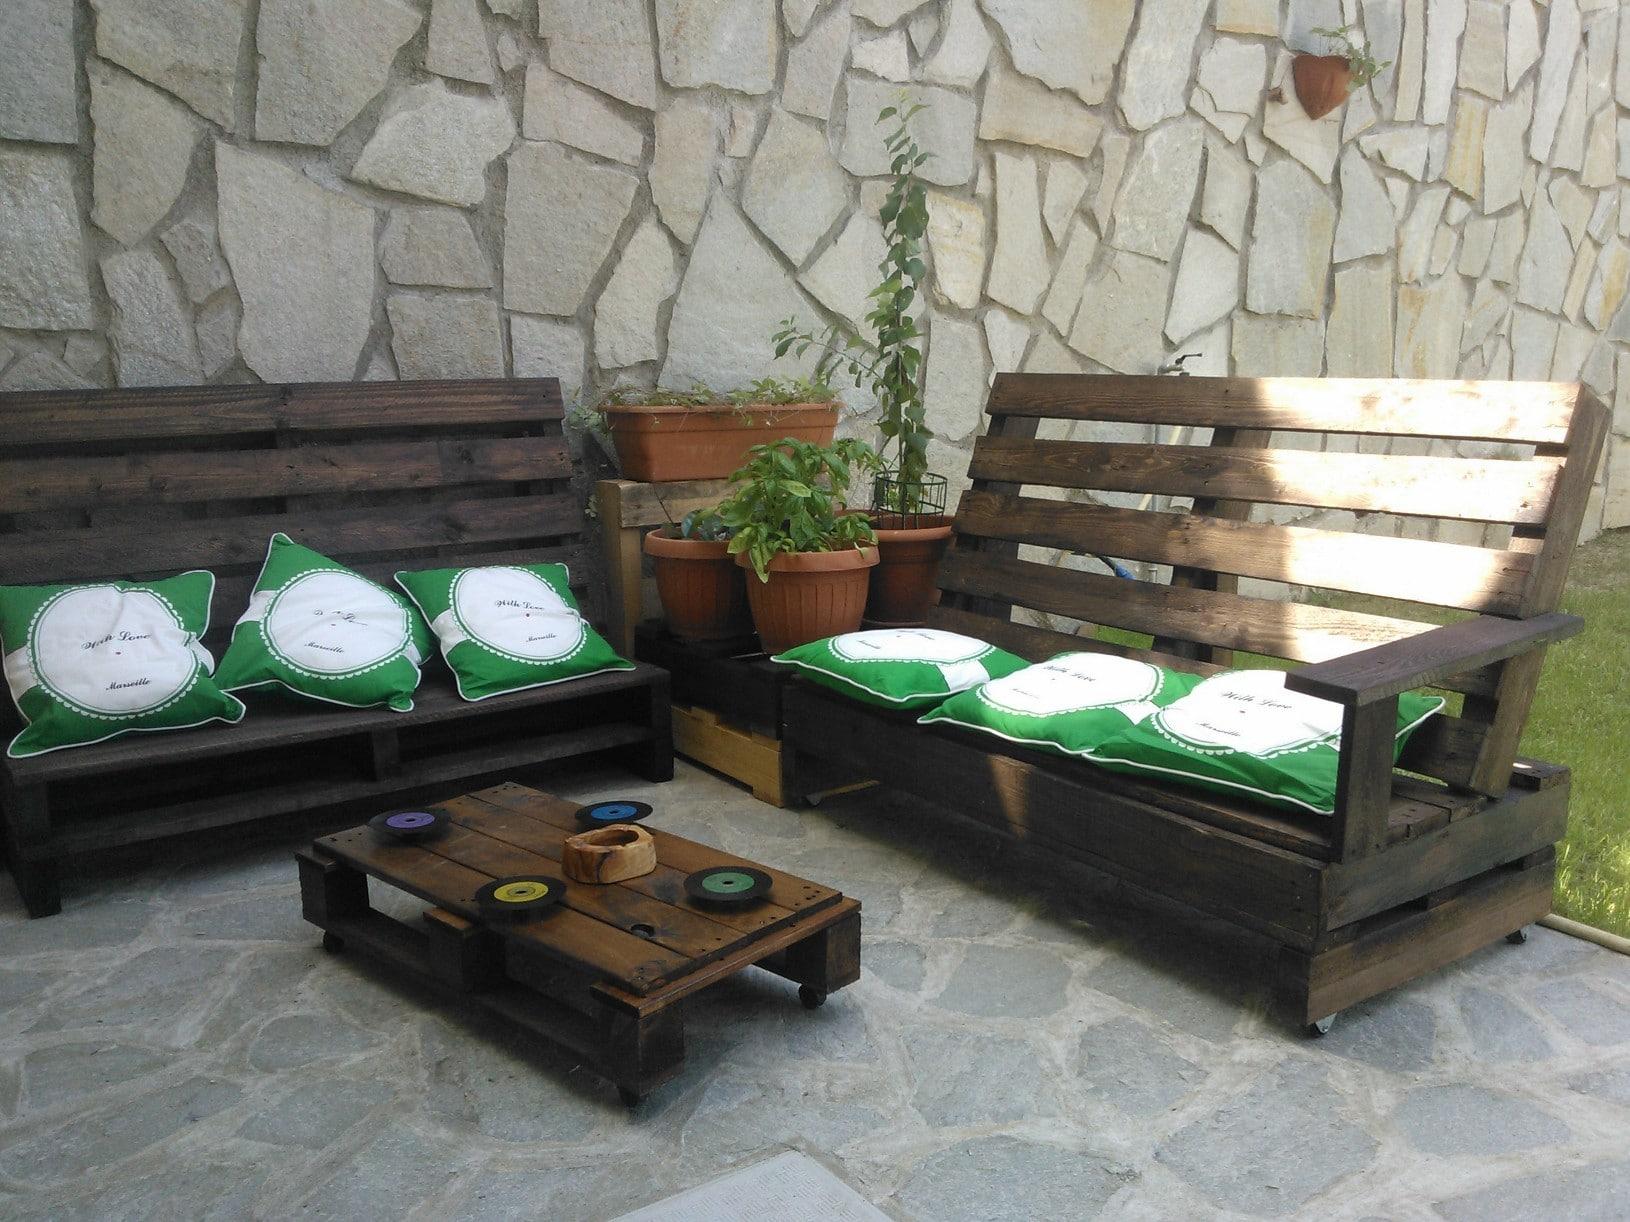 Arredo da giardino idee sostenibili e low cost for Arredo giardino low cost